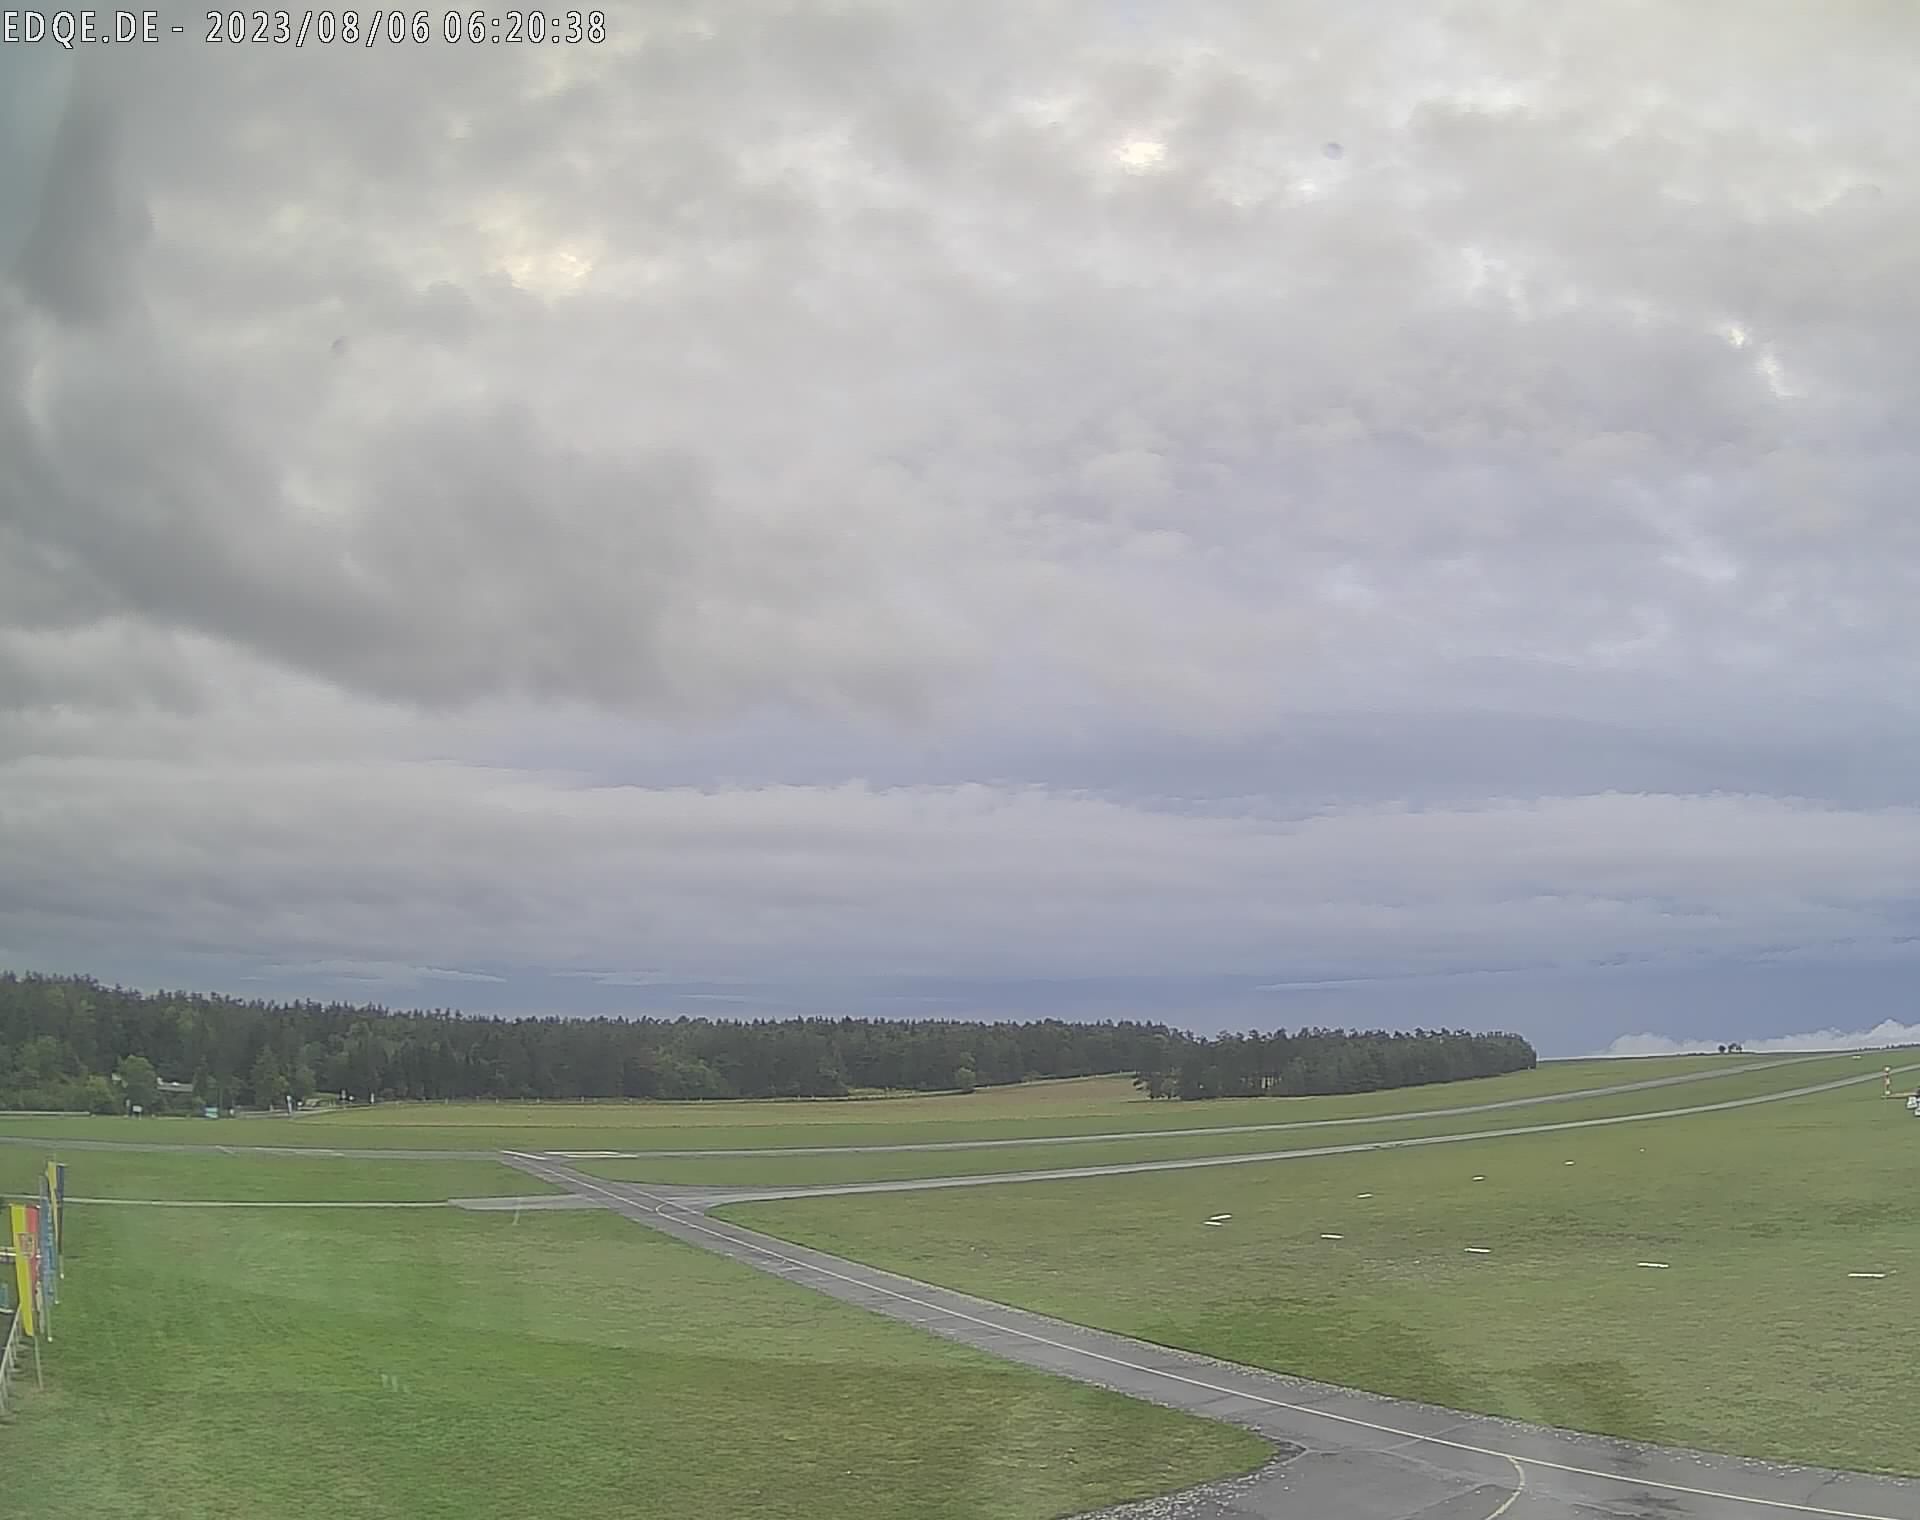 EDQE Webcam 1